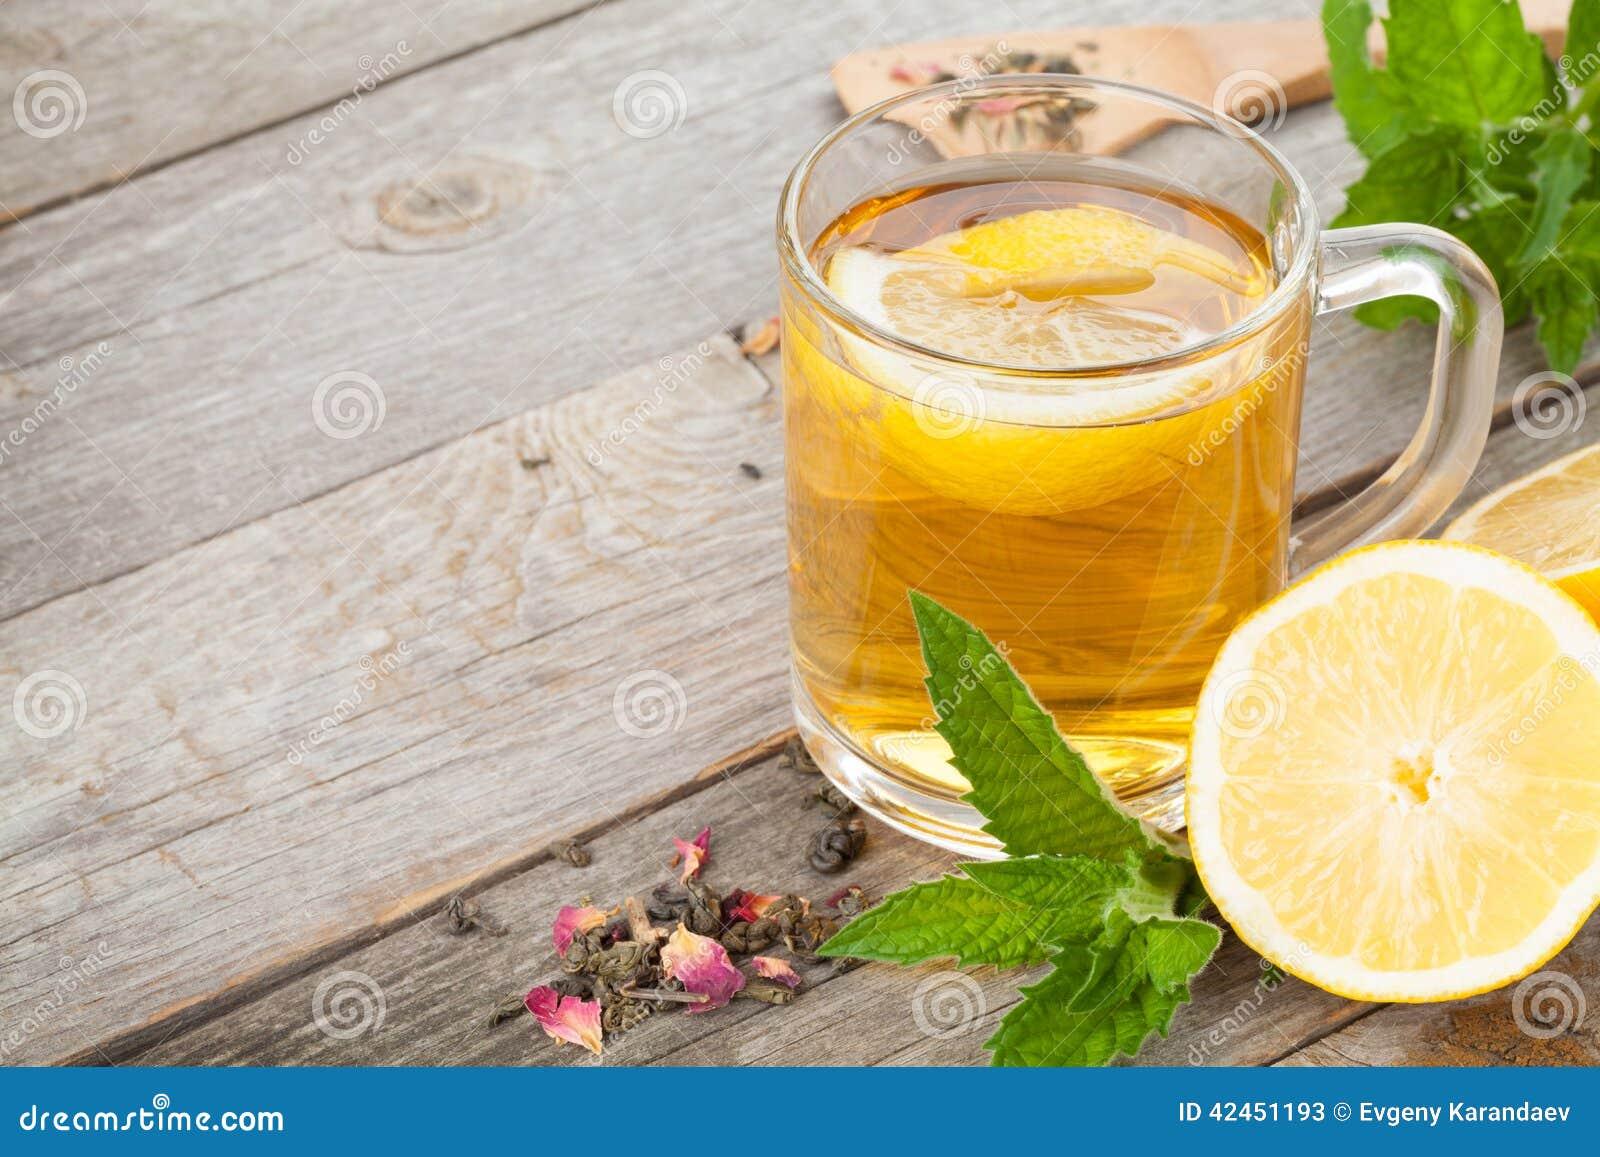 Grüner Tee mit Zitrone und Minze auf Holztisch